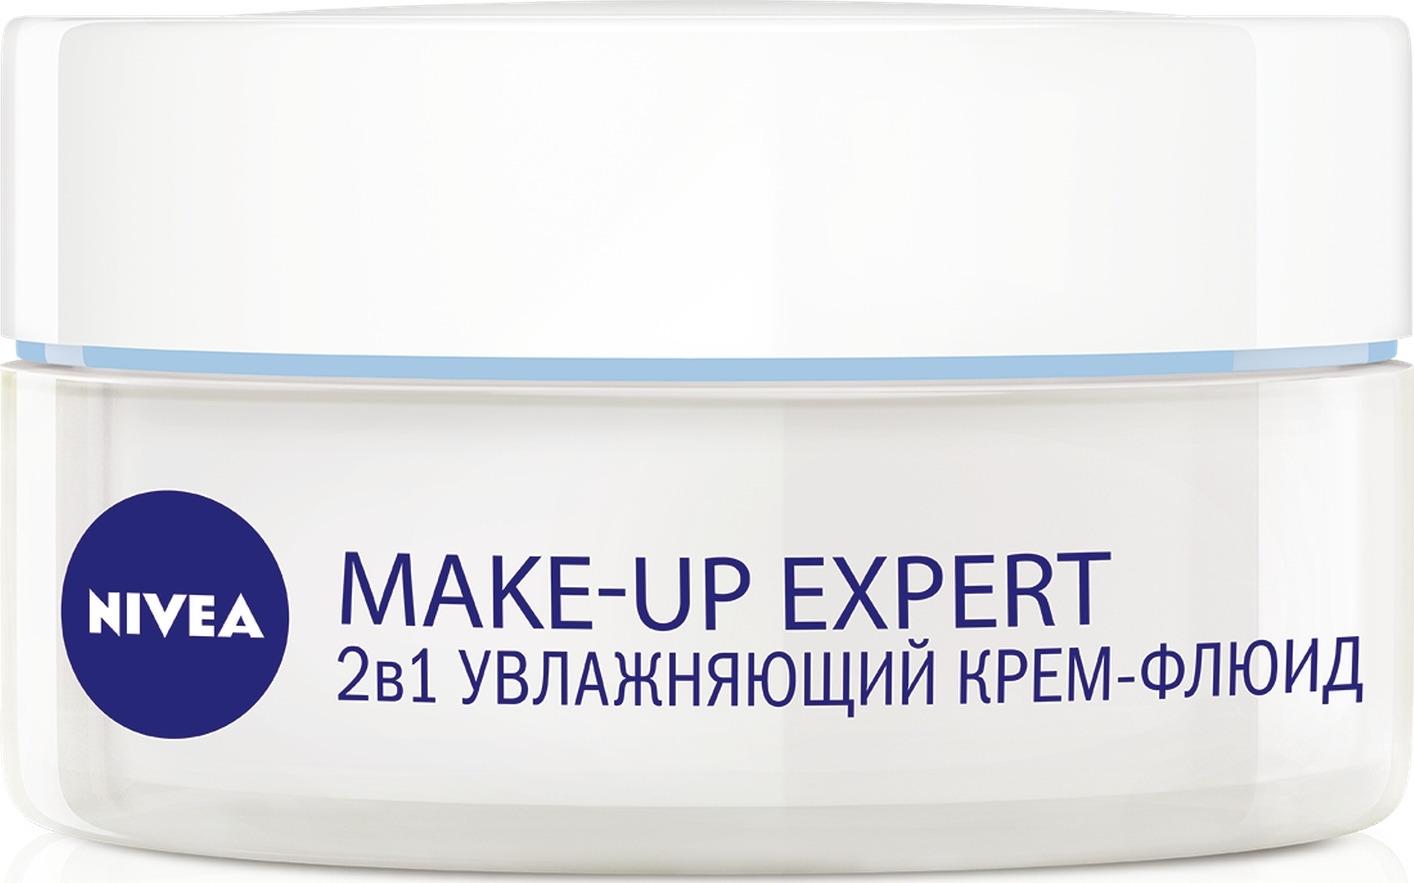 Увлажняющий крем-флюид Nivea MAKE-UP EXPERT 2в1, для нормальной и комбинированной кожи, 50 мл royal goufang v7 pseudocosmetics крем для макияжа 20 г увлажняющий увлажняющий осветляющий состав обнаженная макияж для макияжа